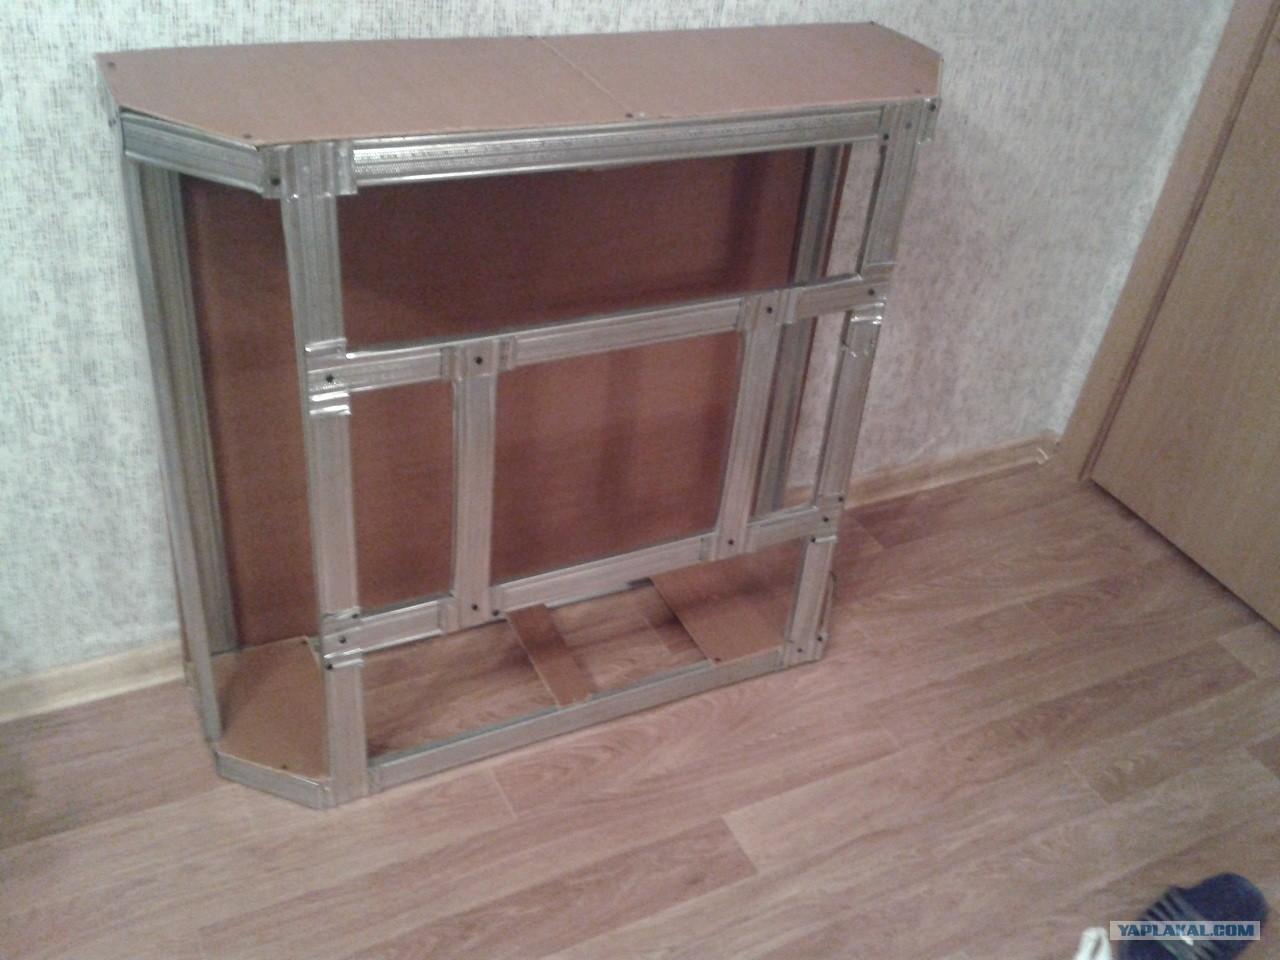 Делаем камин из коробки от телевизора своими руками: пошаговая инструкция 25